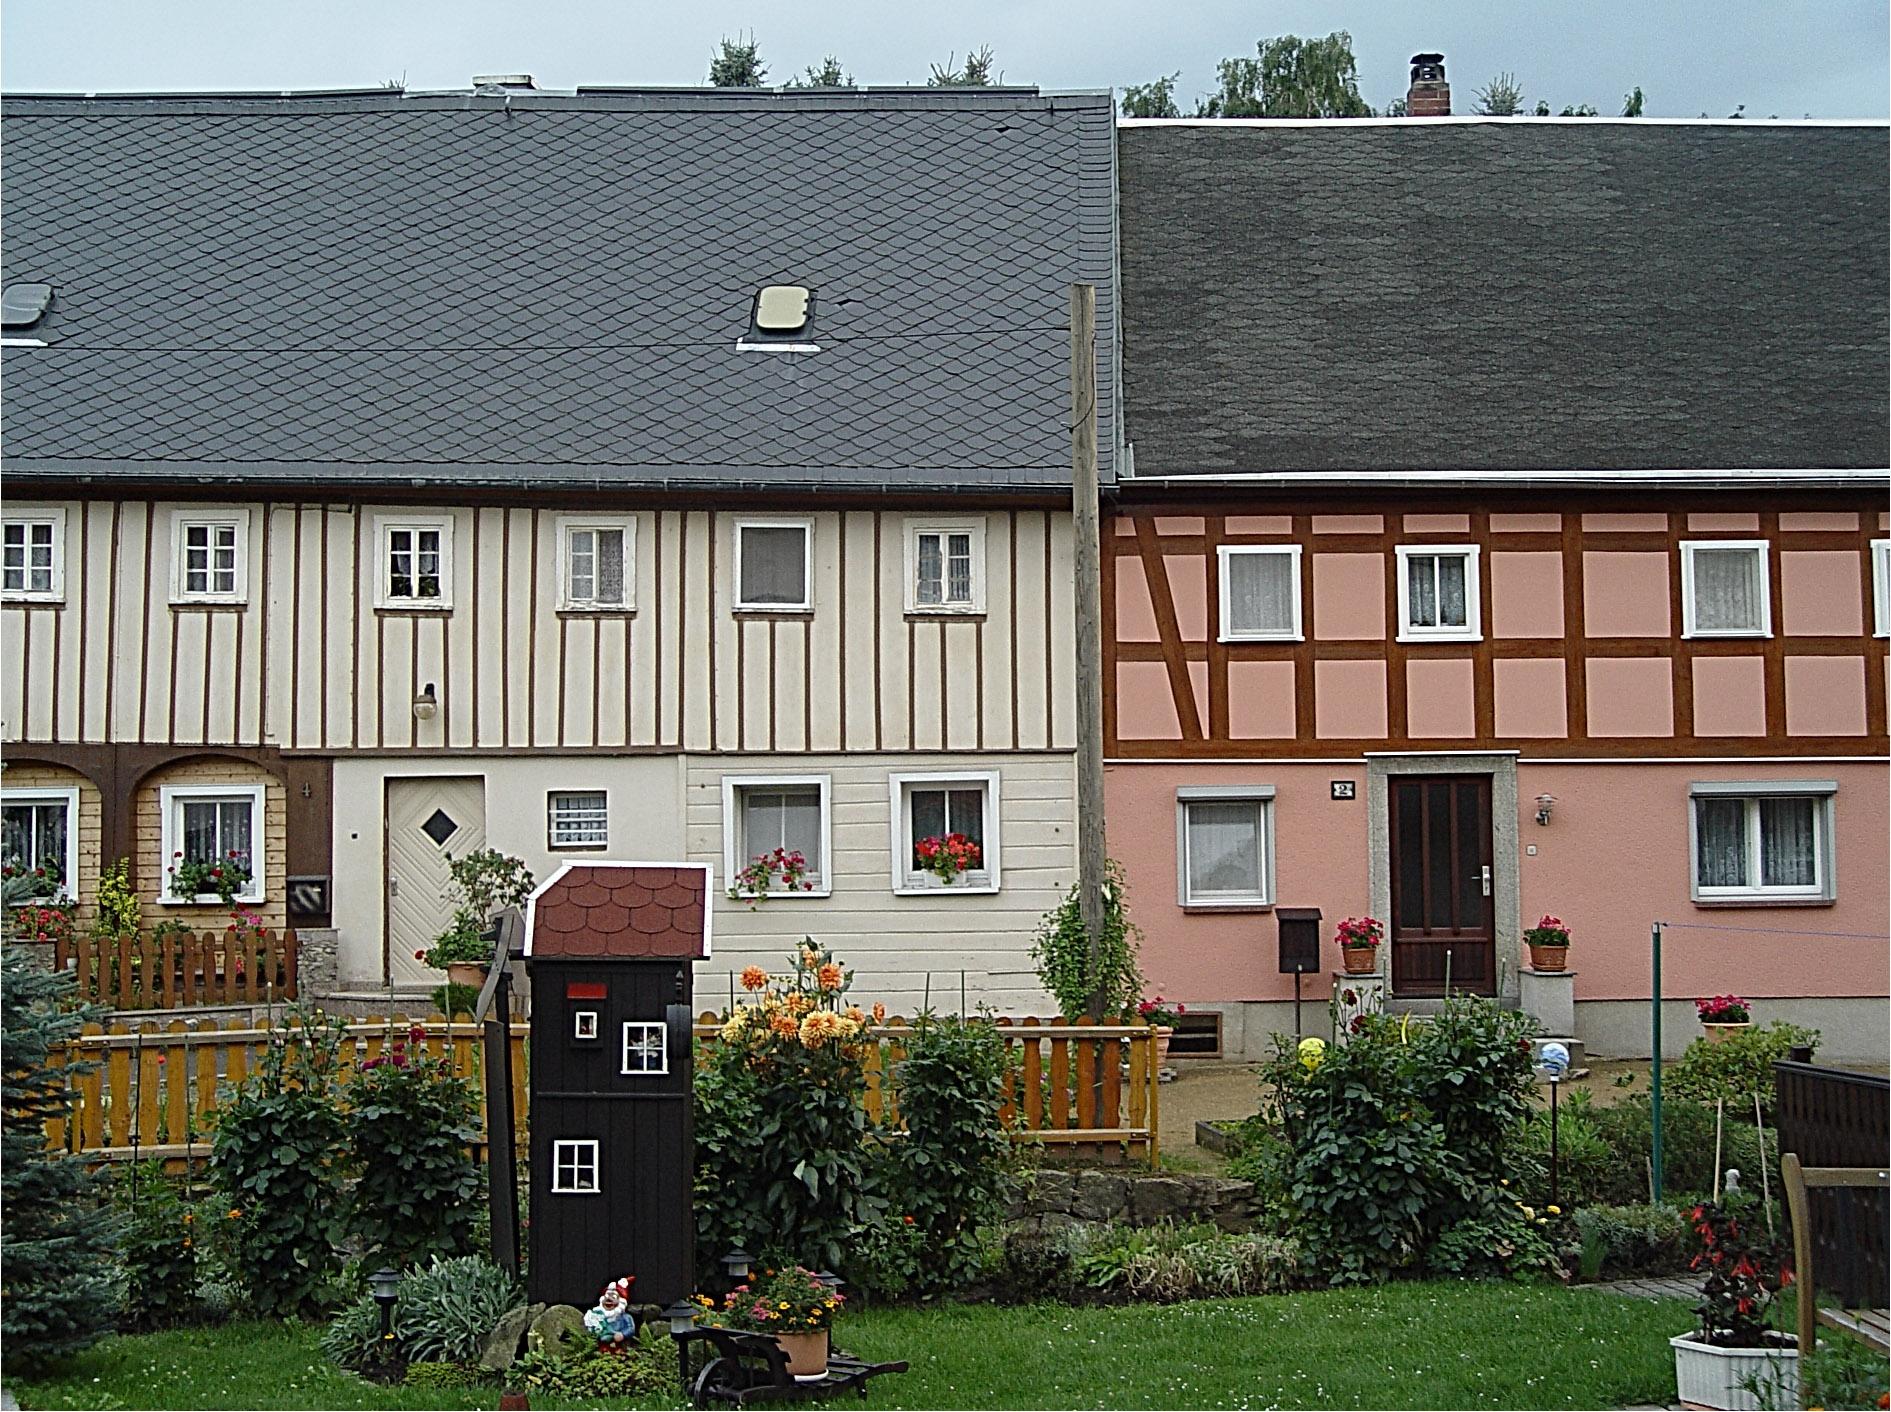 Obercunnersdorf_07